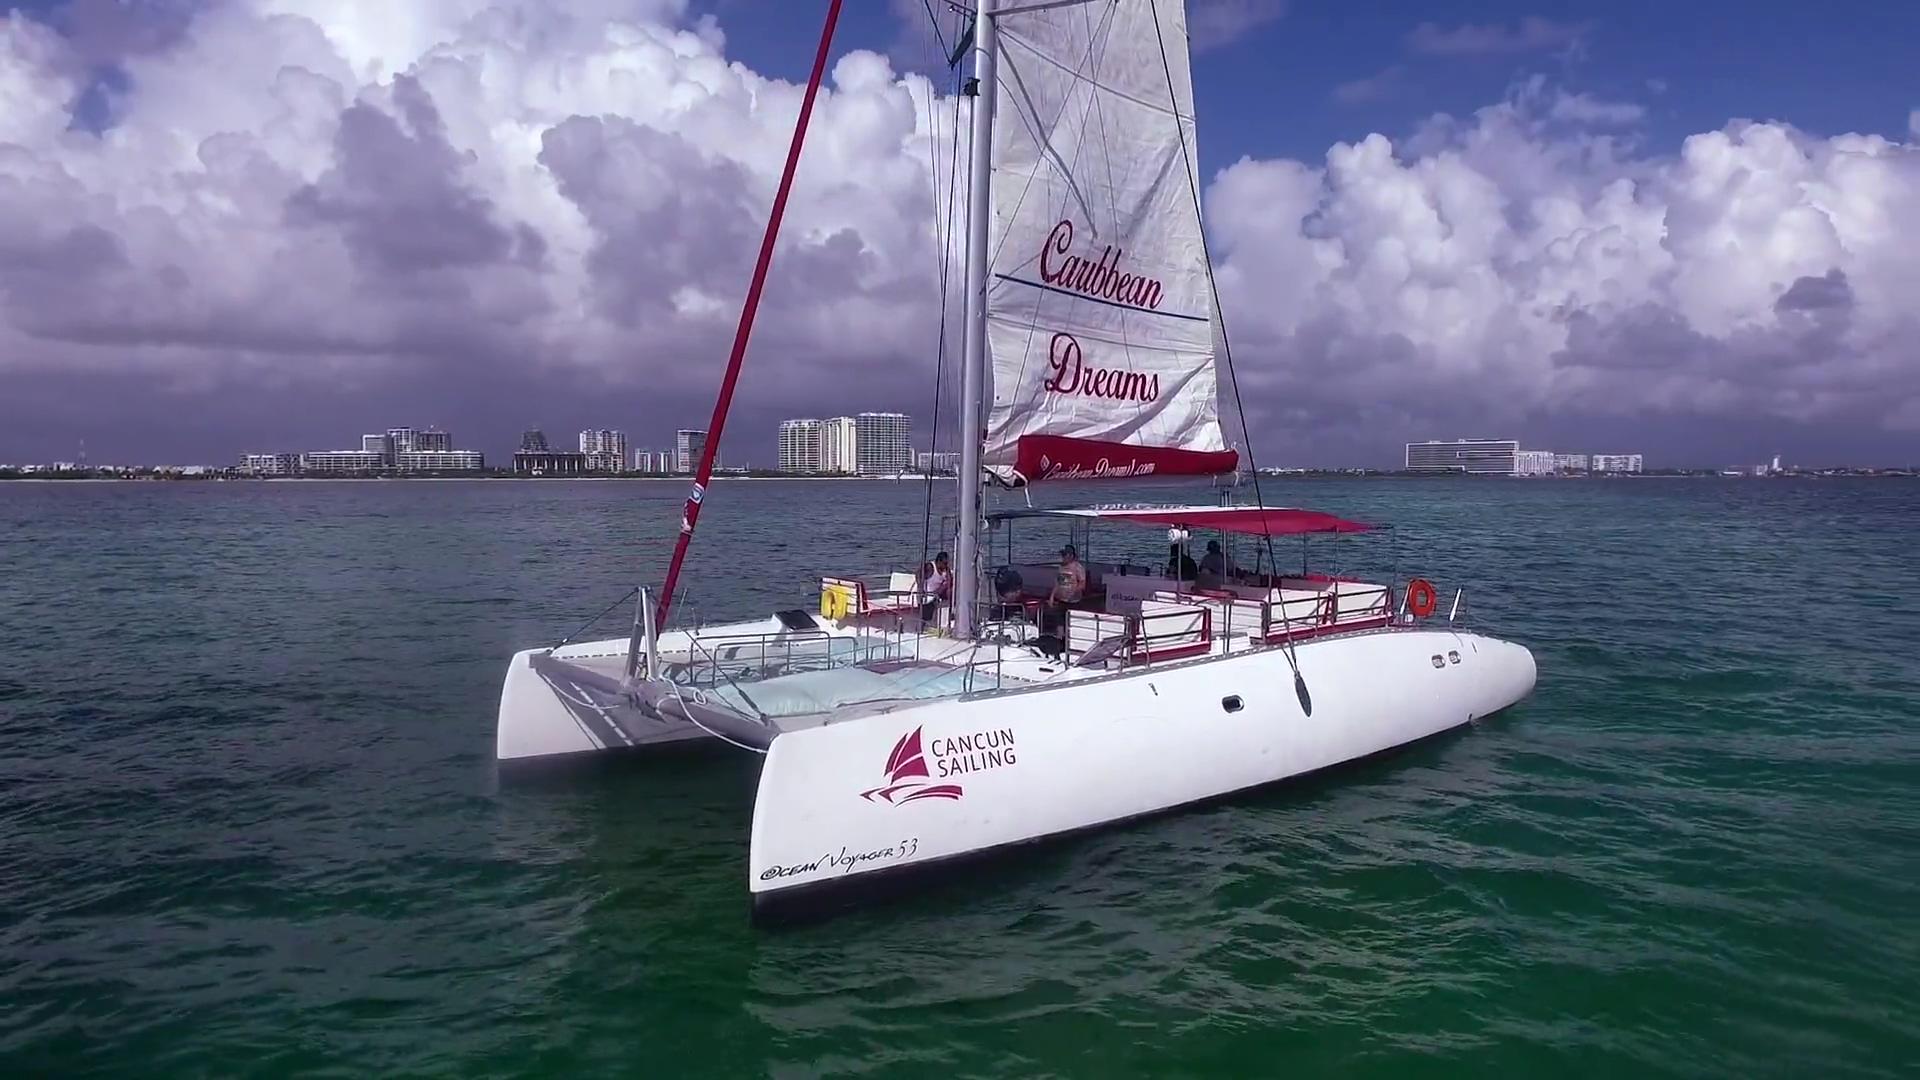 Video - Caribbean Dreams Catamaran - Cancun Sailing